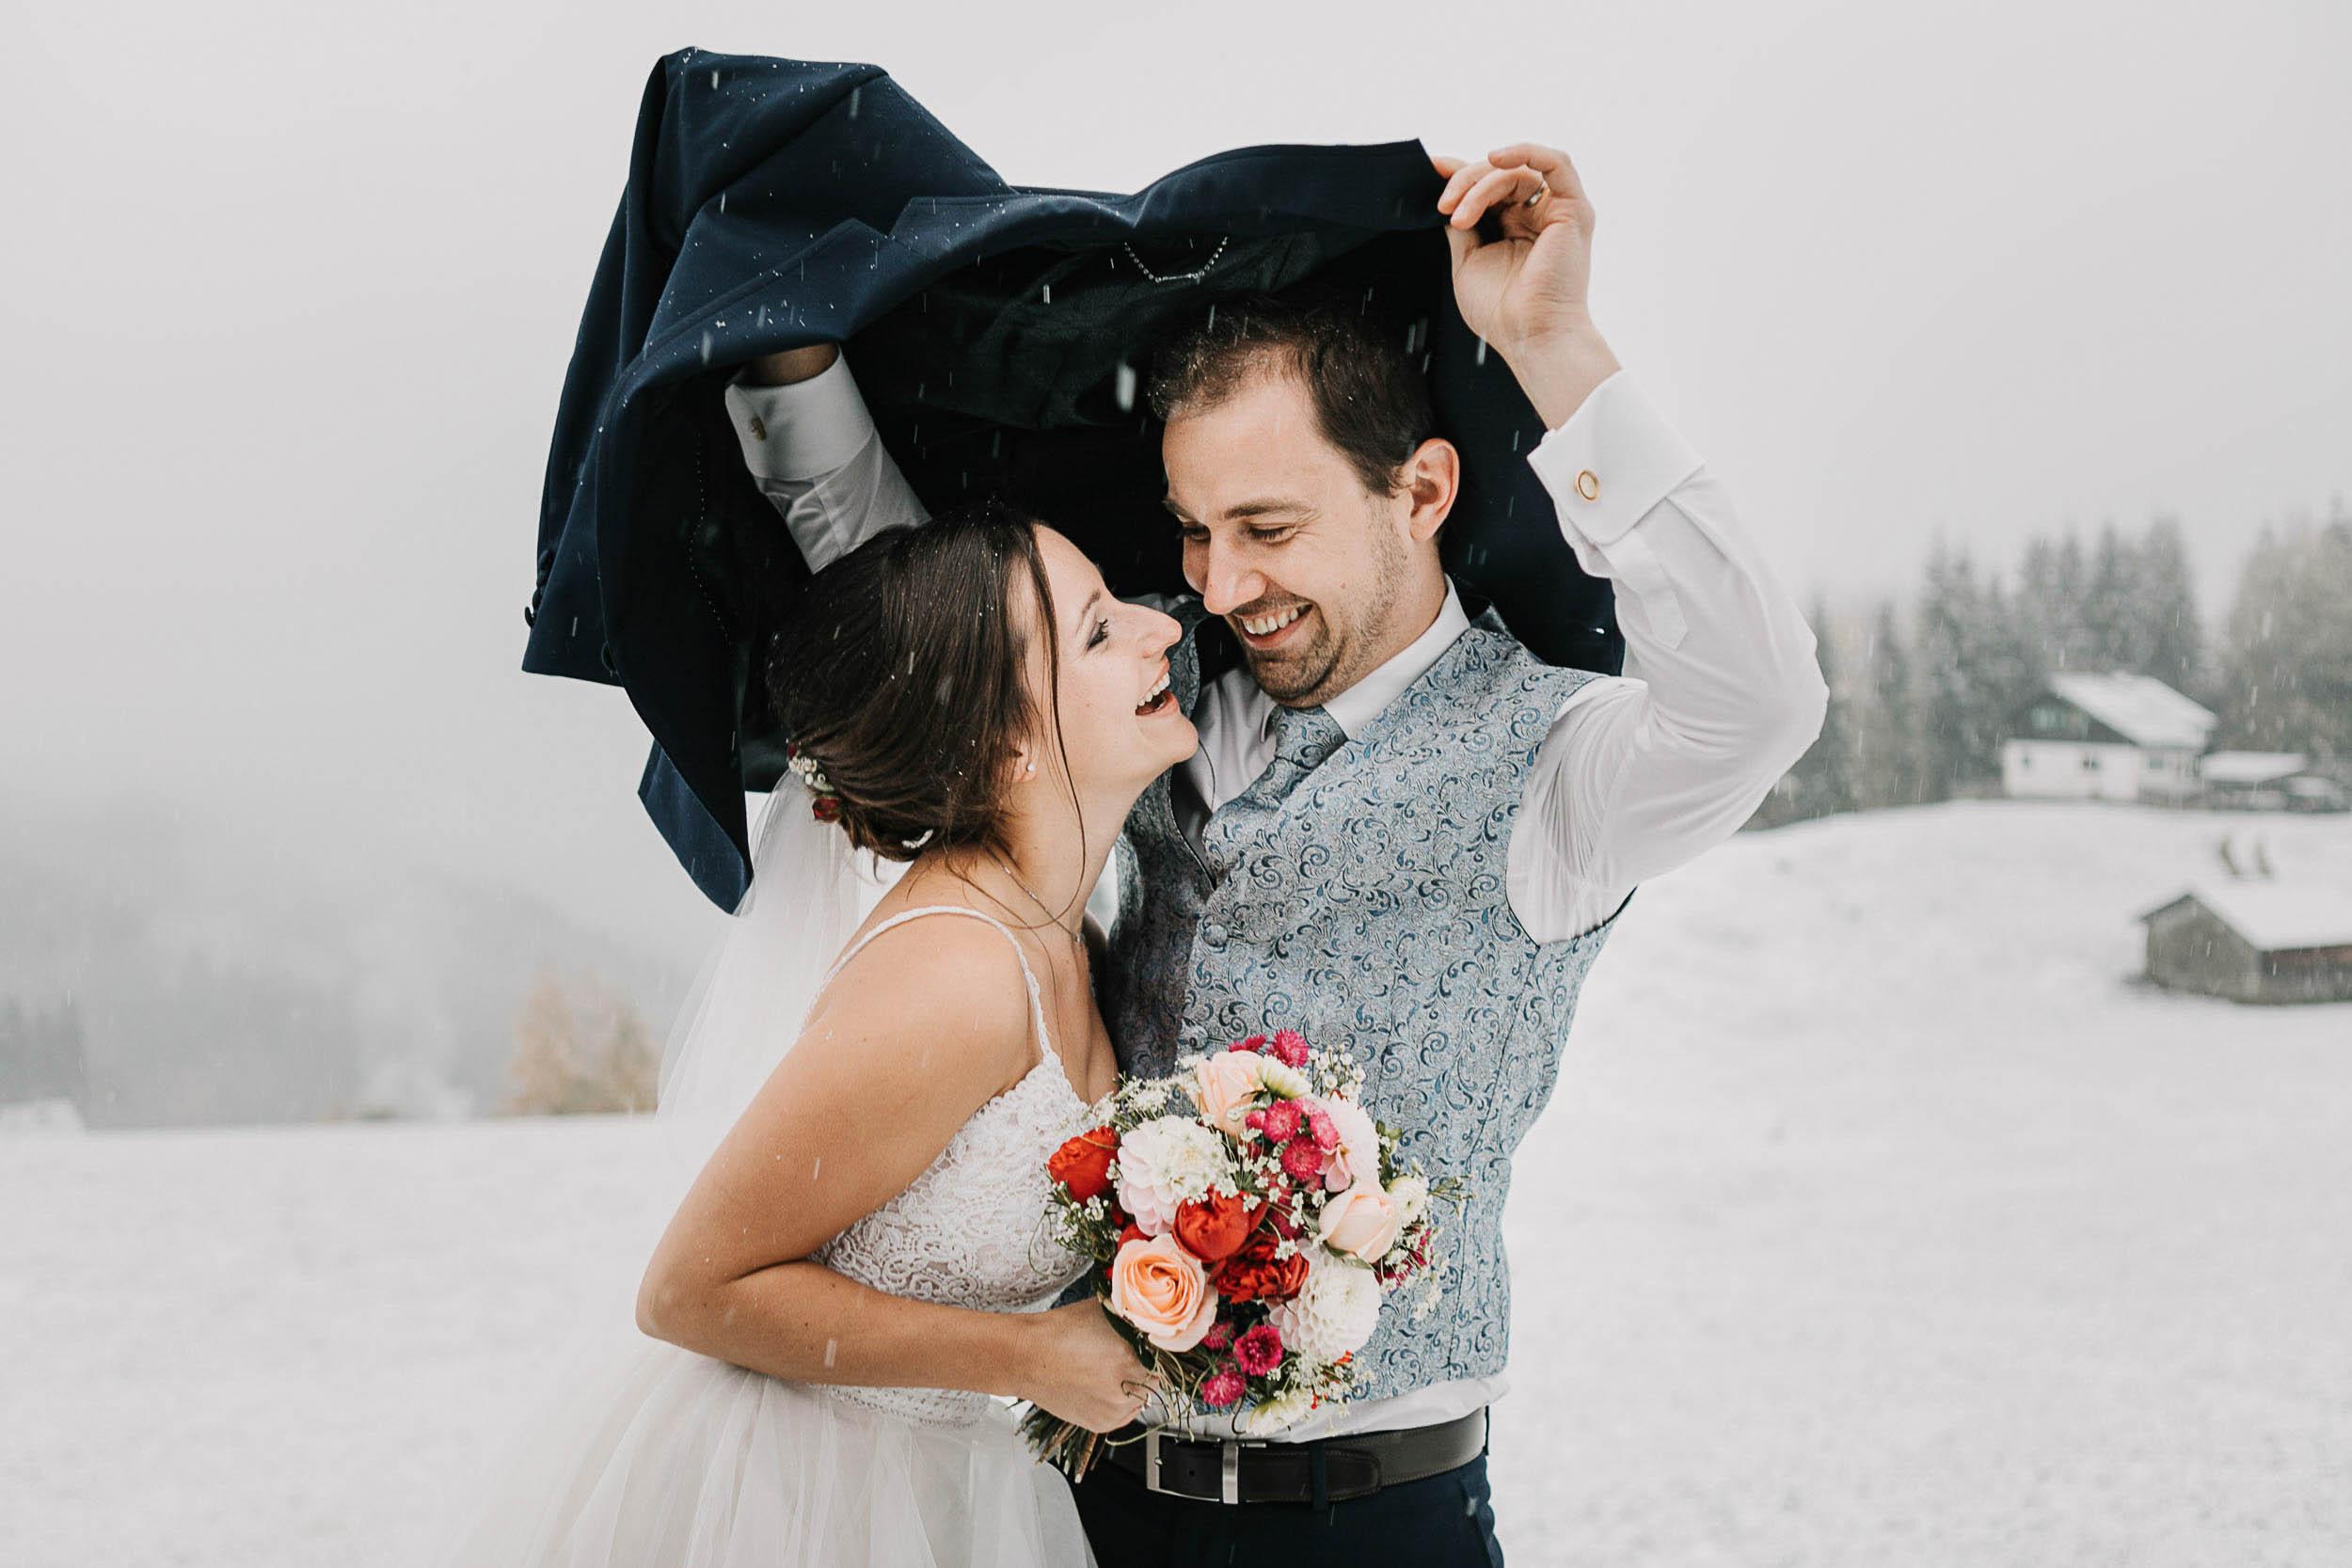 Hochzeitsfotografin Marina Schedler